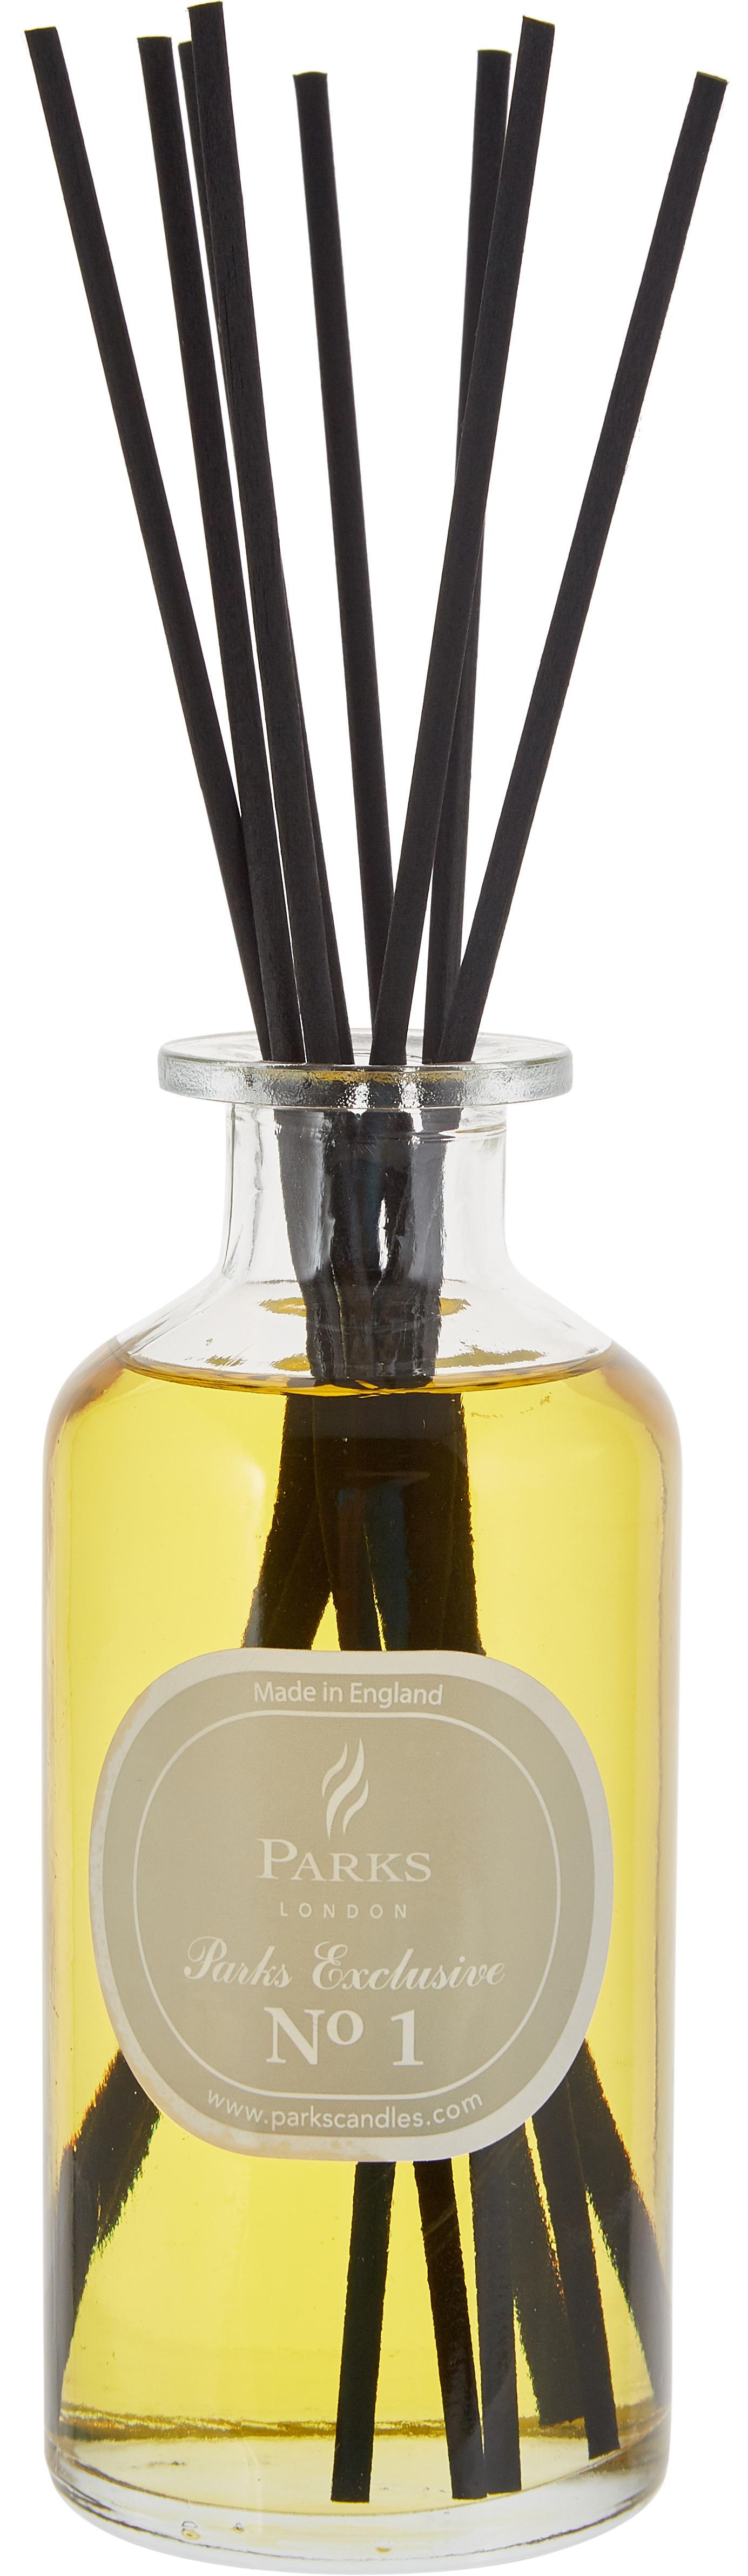 Diffusore Parks Exclusive No.1 (legno di sandalo & vaniglia), Trasparente, marrone chiaro, grigio, 250 ml